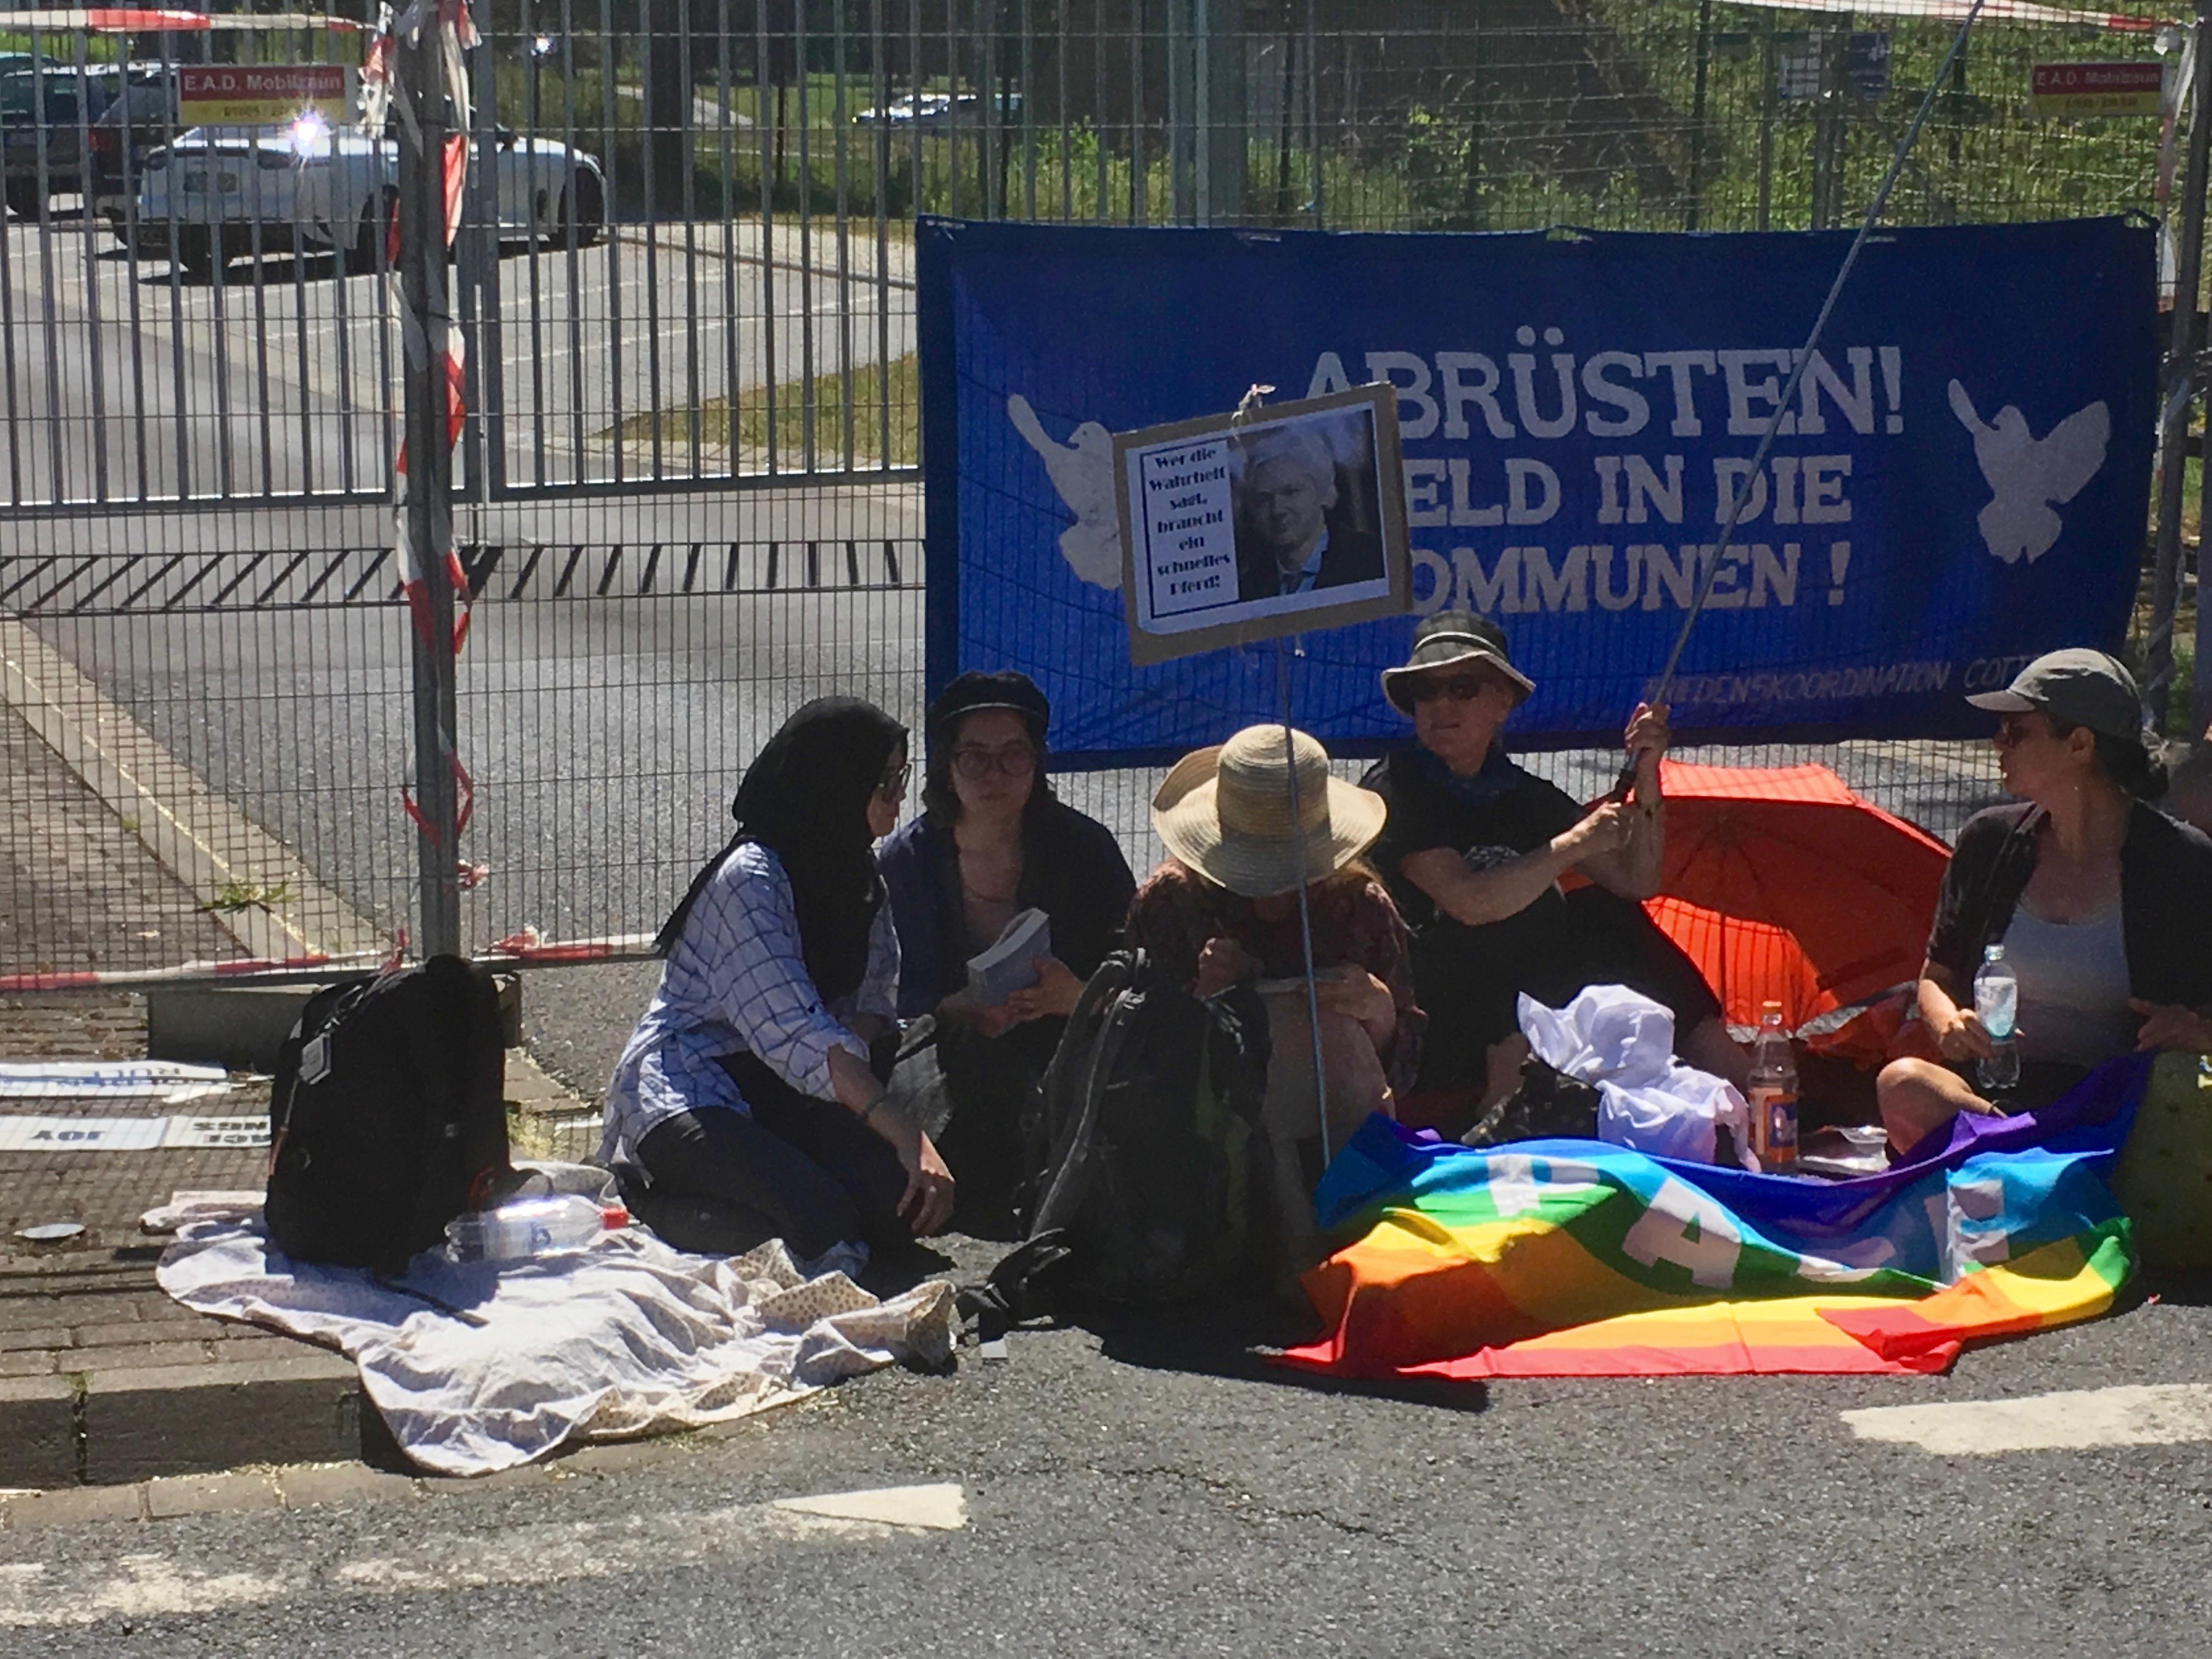 blockade_-_buechel_2019_vor_dem_haupttor.jpg